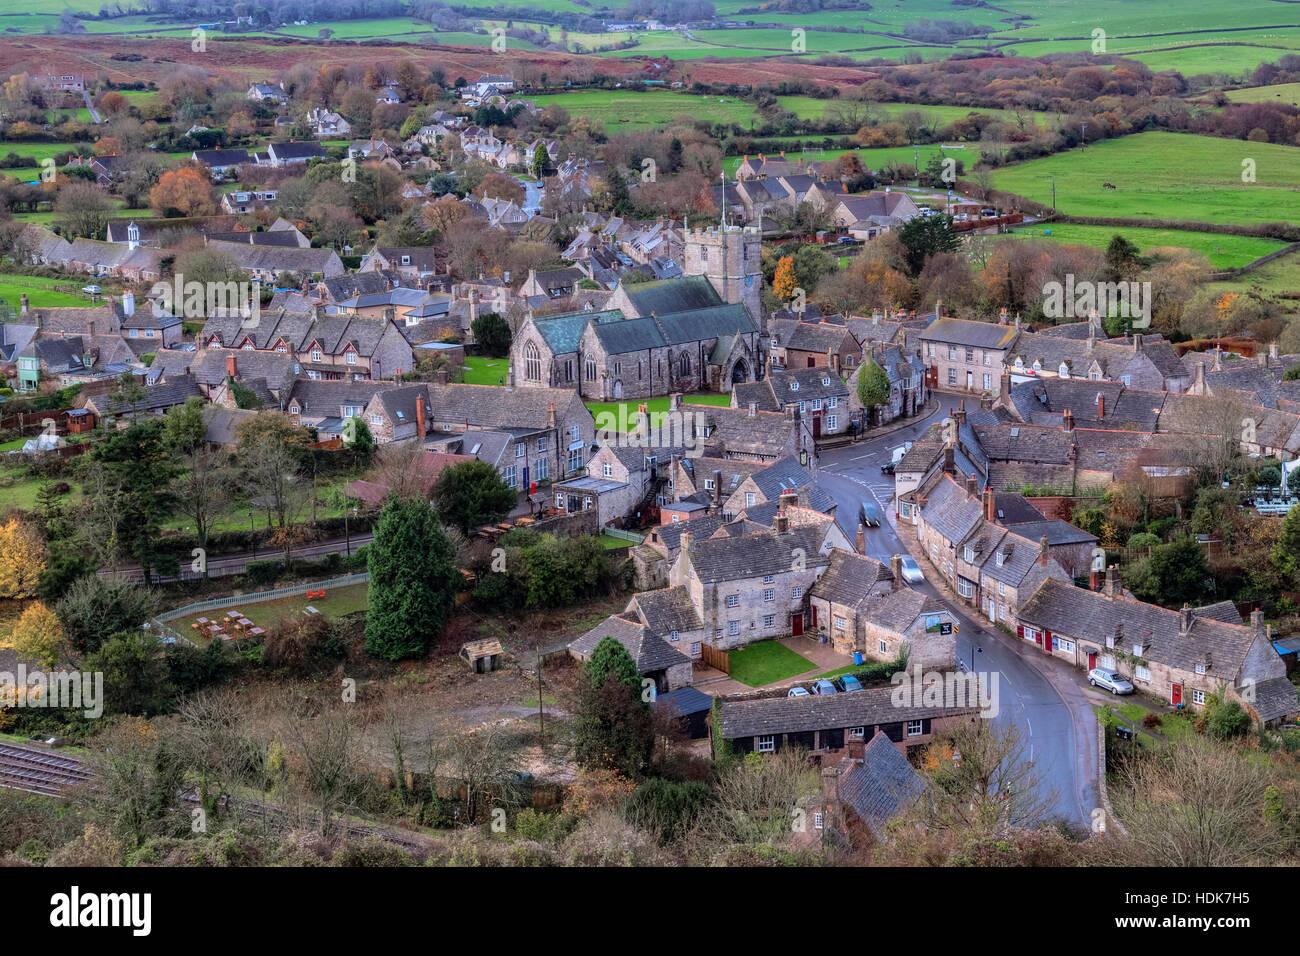 Dorf der Corfe Castle, Dorset, England, UK Stockbild